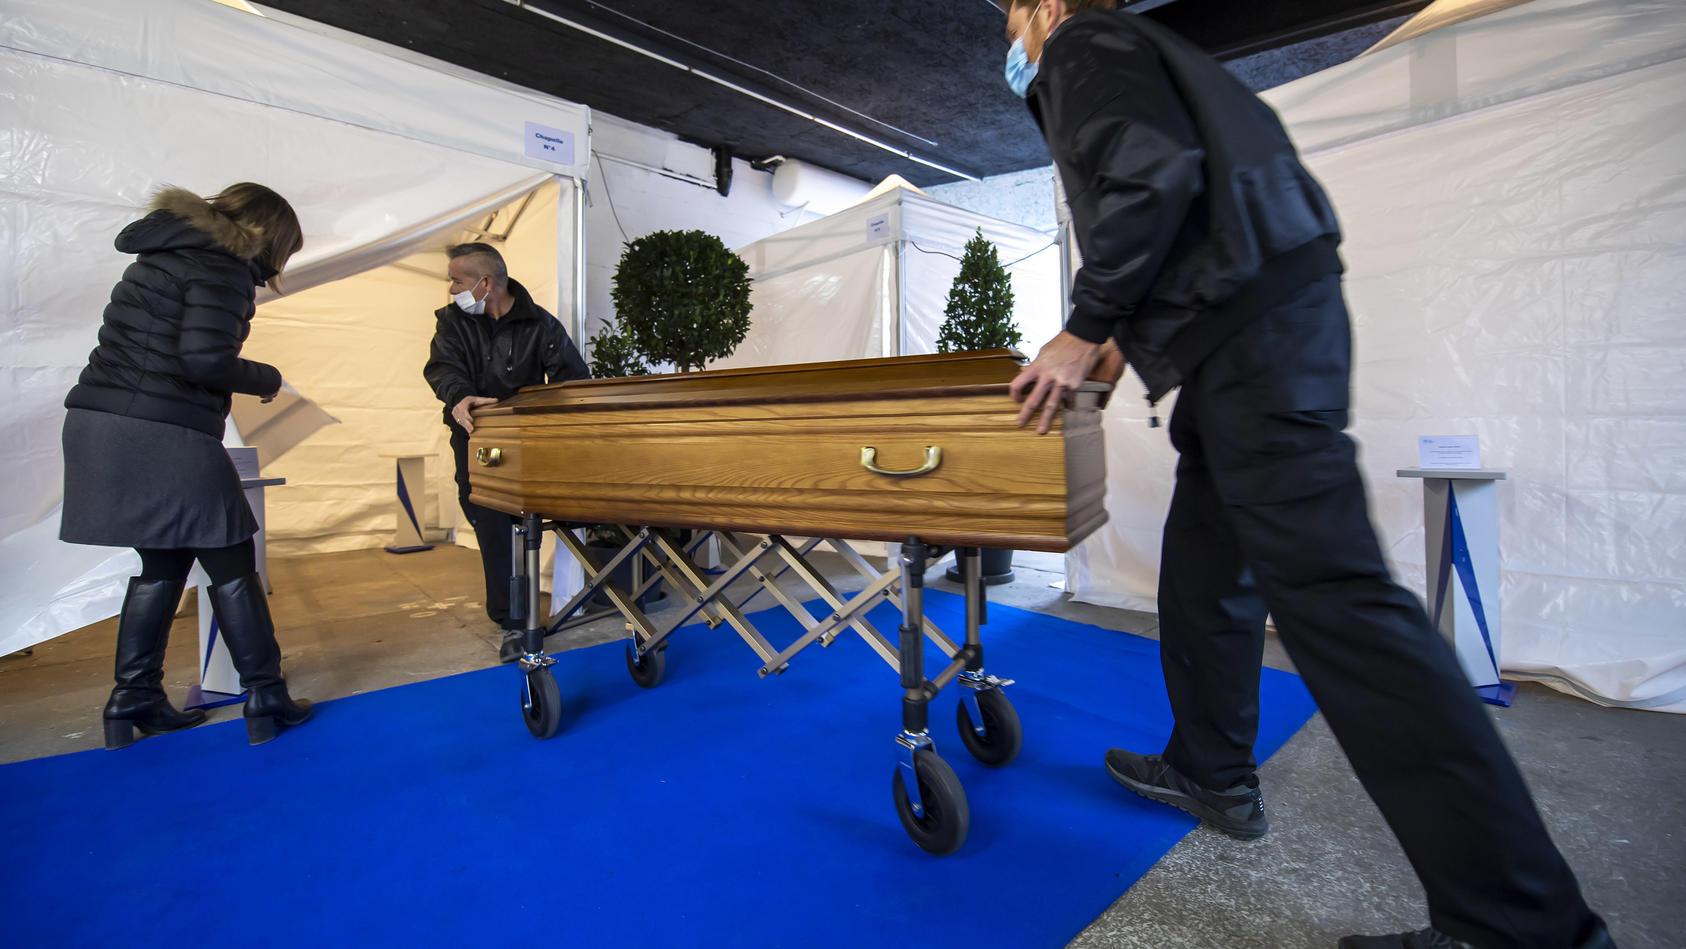 Bestattungshelfer bringen einen Sarg in ein Zelt, das als provisorische Grabkammer dienen soll. Das Zelt wird in einem Lagerhaus installiert, damit sich Angehörige sicher zu einer Abschiedsfeier versammeln können.